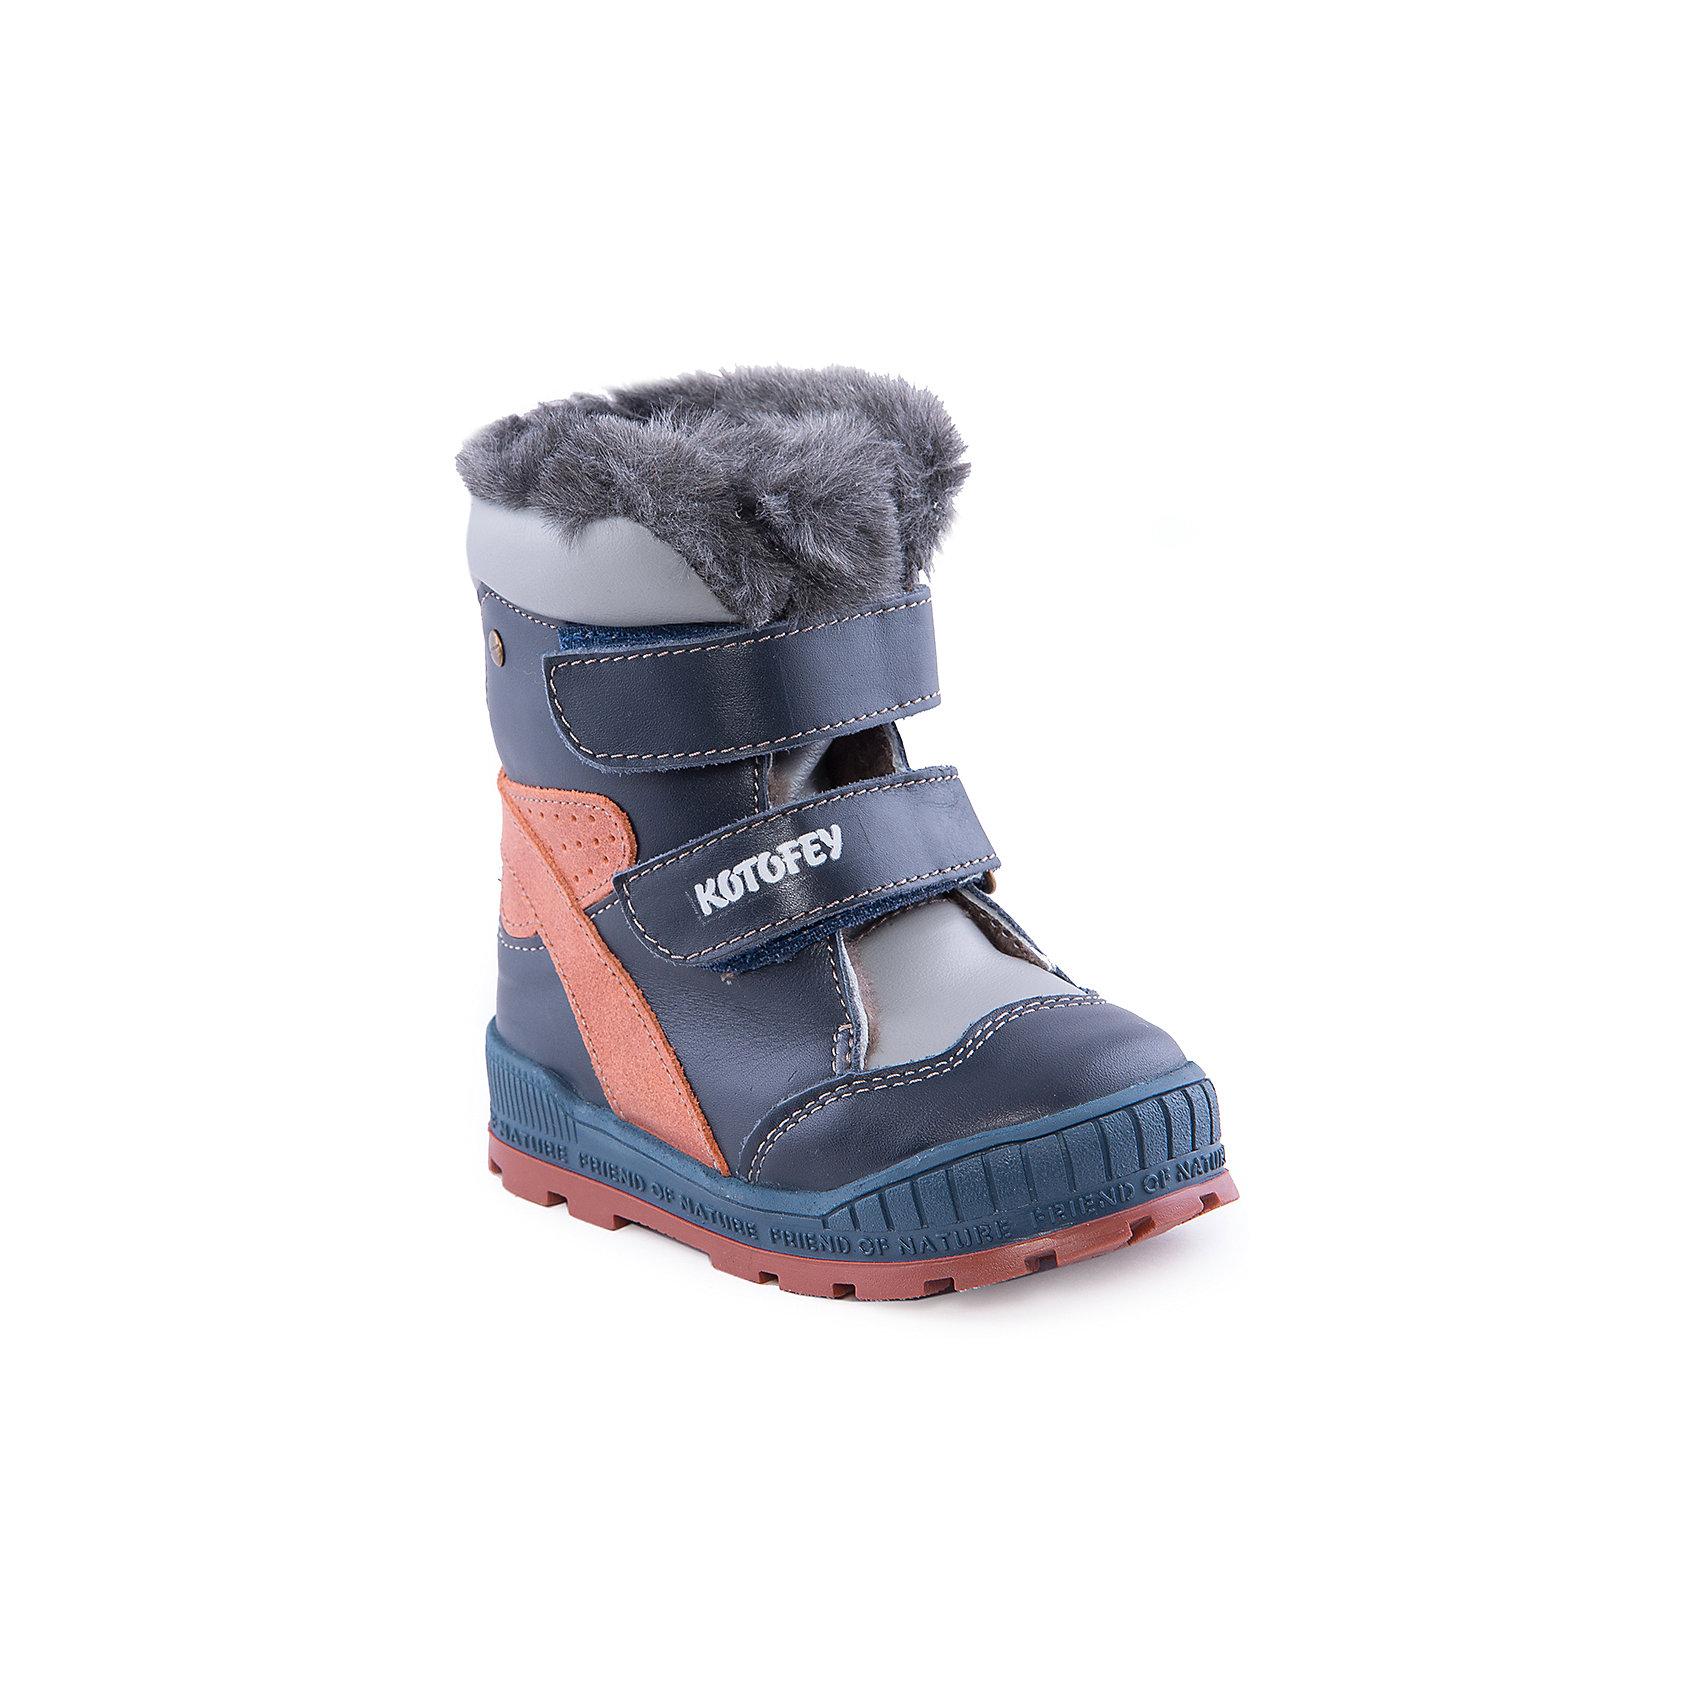 Ботинки для мальчика КотофейБотинки для мальчика от известного российского бренда Котофей<br><br>Теплые ботинки не только хорошо сидят на ноге - они легко надеваются благодаря удобной липучке. Эта модель создана с учетом особенностей развития детской стопы, поэтому все детали проработаны особенно тщательно.<br><br>Особенности модели: <br><br>- цвет - синий;<br>- контрастные оранжевые элементы;<br>- внутри натуральный мех;<br>- верх – натуральная кожа;<br>- комфортная колодка;<br>- подкладка утепленная;<br>- вид крепления – клеевой;<br>- защита пальцев;<br>- амортизирующая устойчивая подошва;<br>- застежка - липучка.<br><br>Дополнительная информация:<br><br>Температурный режим: <br><br>от -25° С до 0° С<br><br>Состав:<br>верх – натуральная кожа;<br>подкладка - овчина;<br>подошва - ТЭП;<br><br>Ботинки для мальчика Котофей можно купить в нашем магазине.<br><br>Ширина мм: 262<br>Глубина мм: 176<br>Высота мм: 97<br>Вес г: 427<br>Цвет: голубой<br>Возраст от месяцев: 18<br>Возраст до месяцев: 21<br>Пол: Мужской<br>Возраст: Детский<br>Размер: 23,24,25,26<br>SKU: 4315258